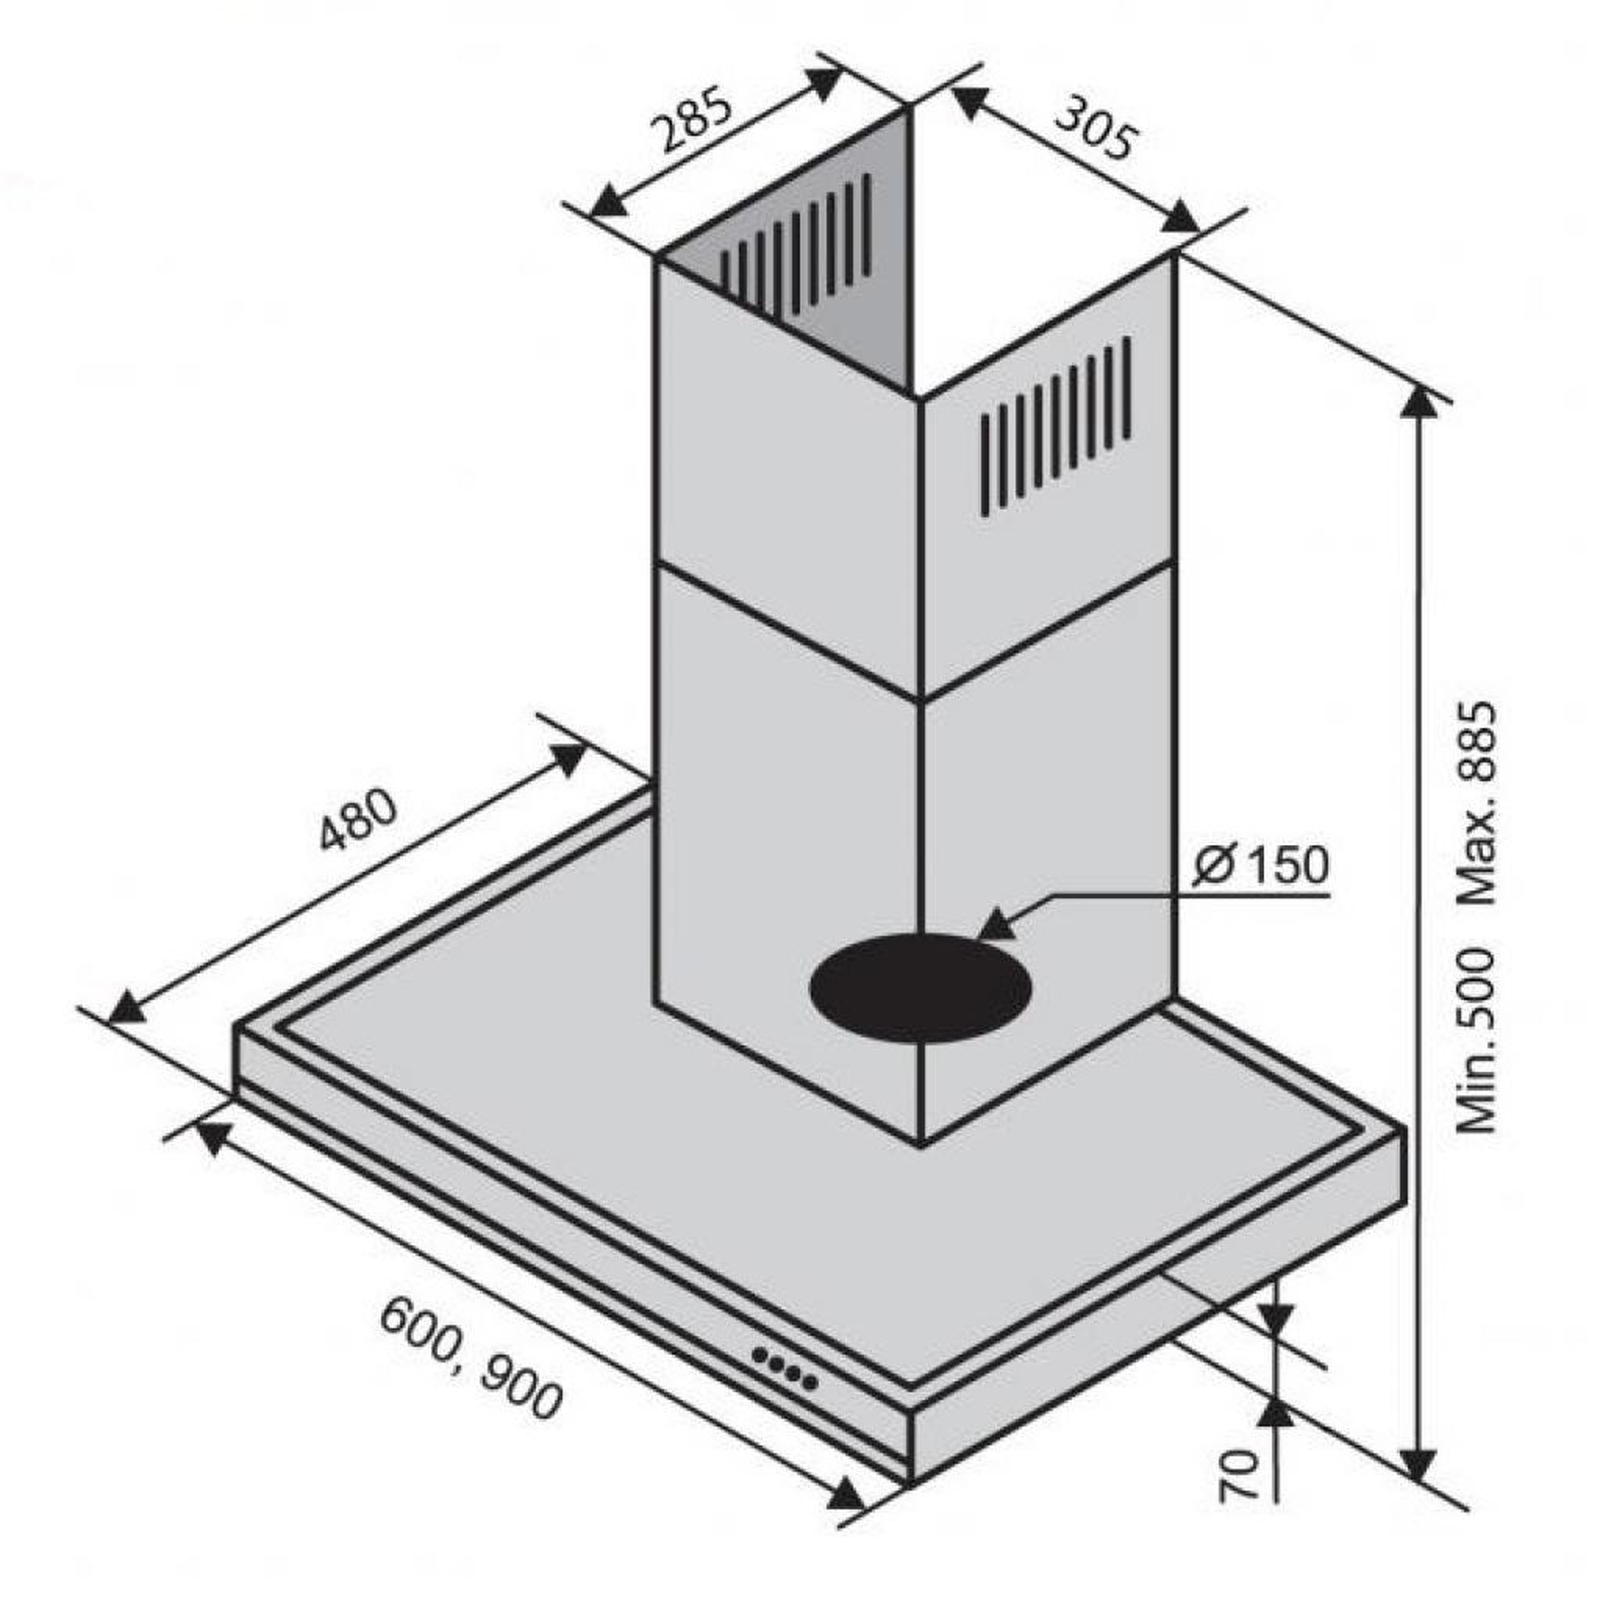 Вытяжка кухонная Ventolux ITALIA 60 BK/X (1200) изображение 2